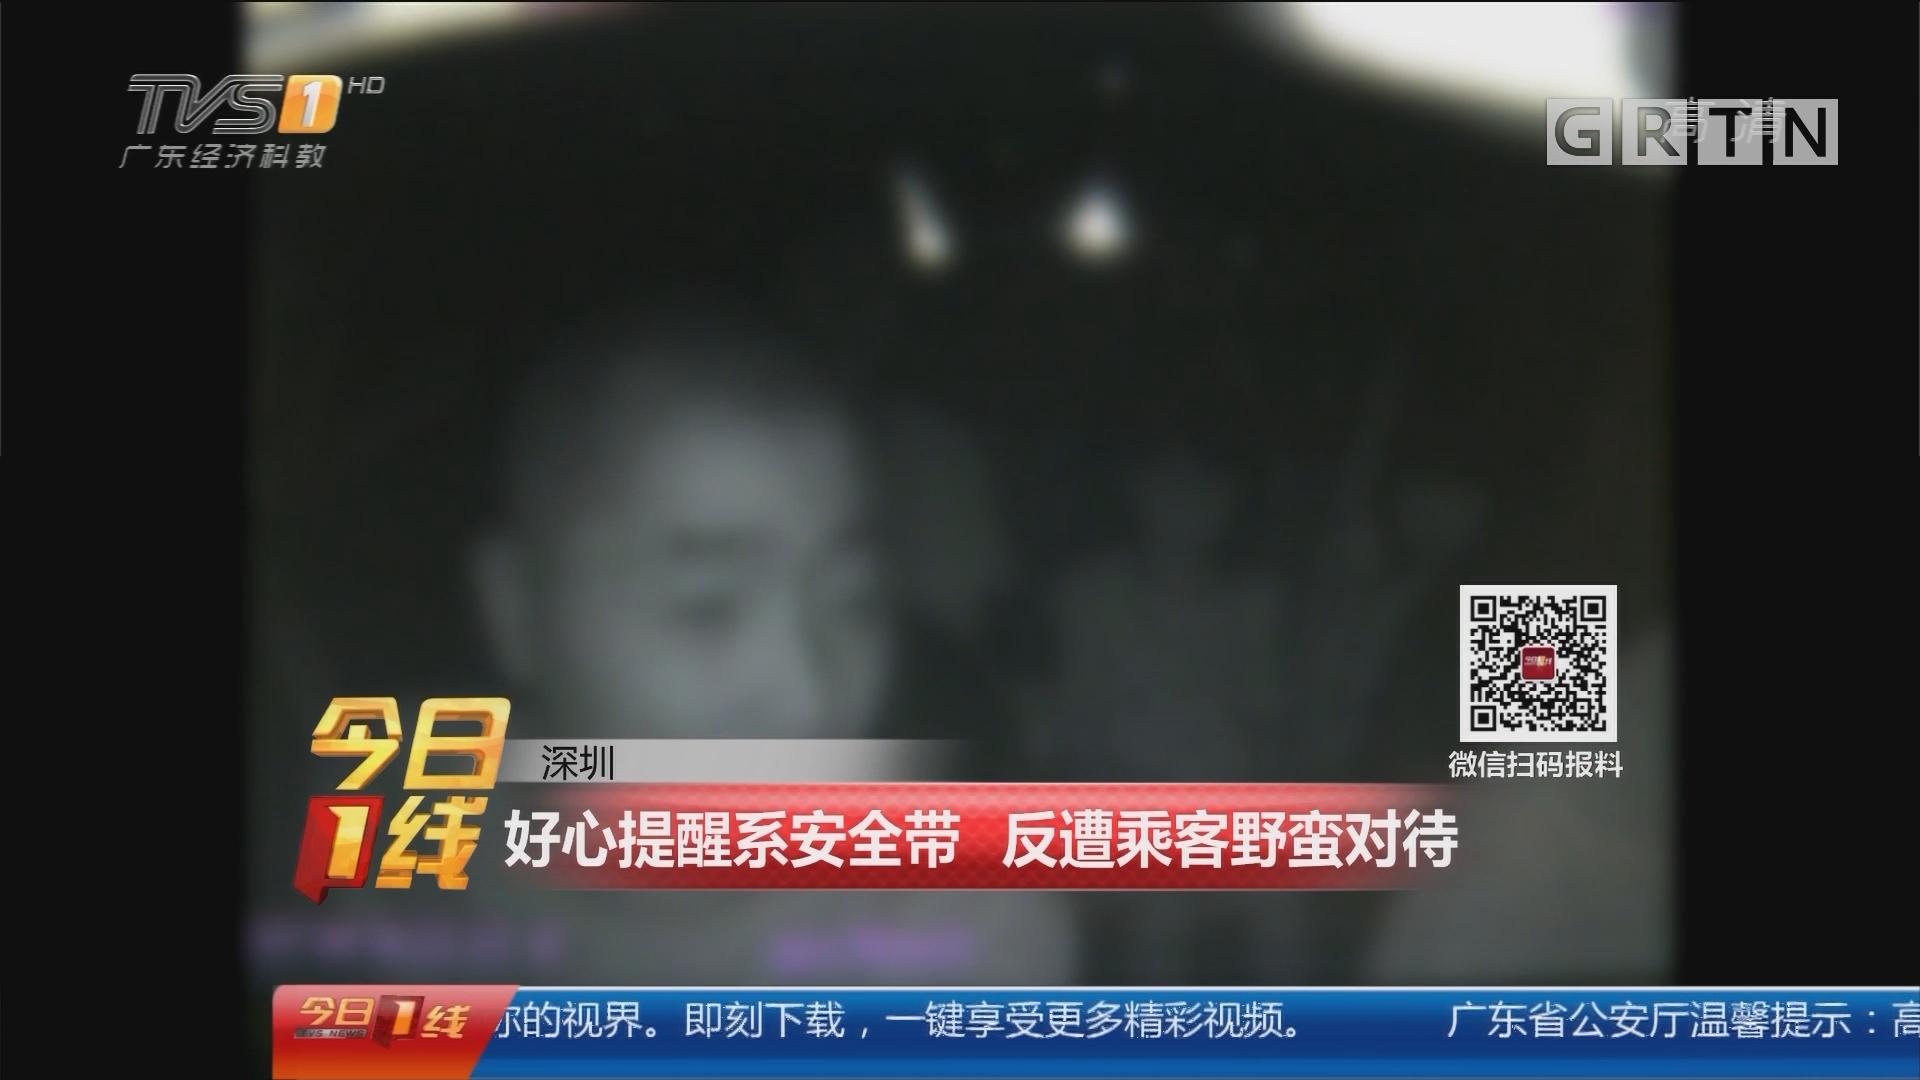 深圳:好心提醒系安全带 反遭乘客野蛮对待